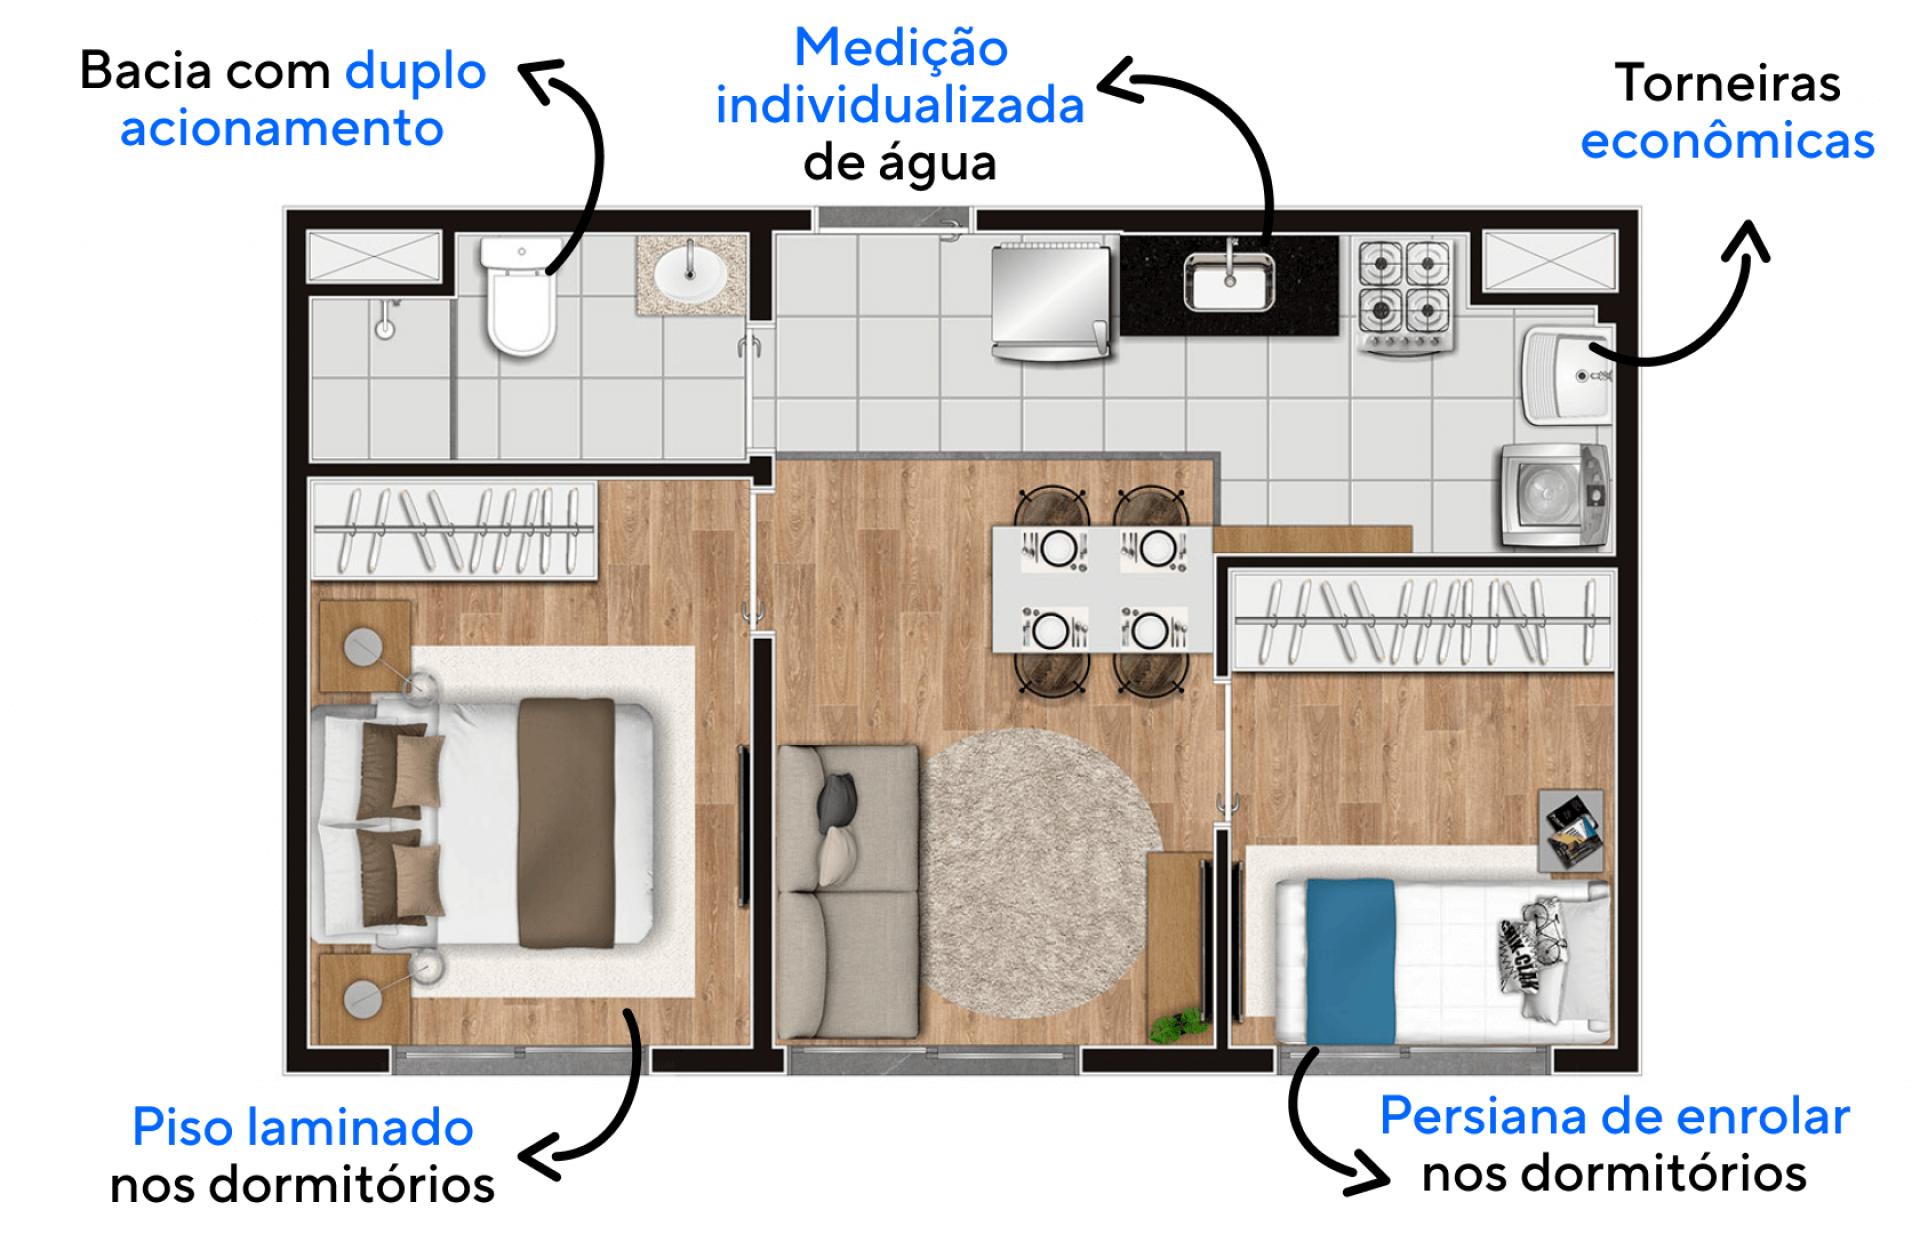 35 M² - 2 QUARTOS. Apartamentos com confortáveis dormitórios e área social ao centro. Destaque para a cozinha, que possui área de serviço com ponto para máquina de lavar roupas.